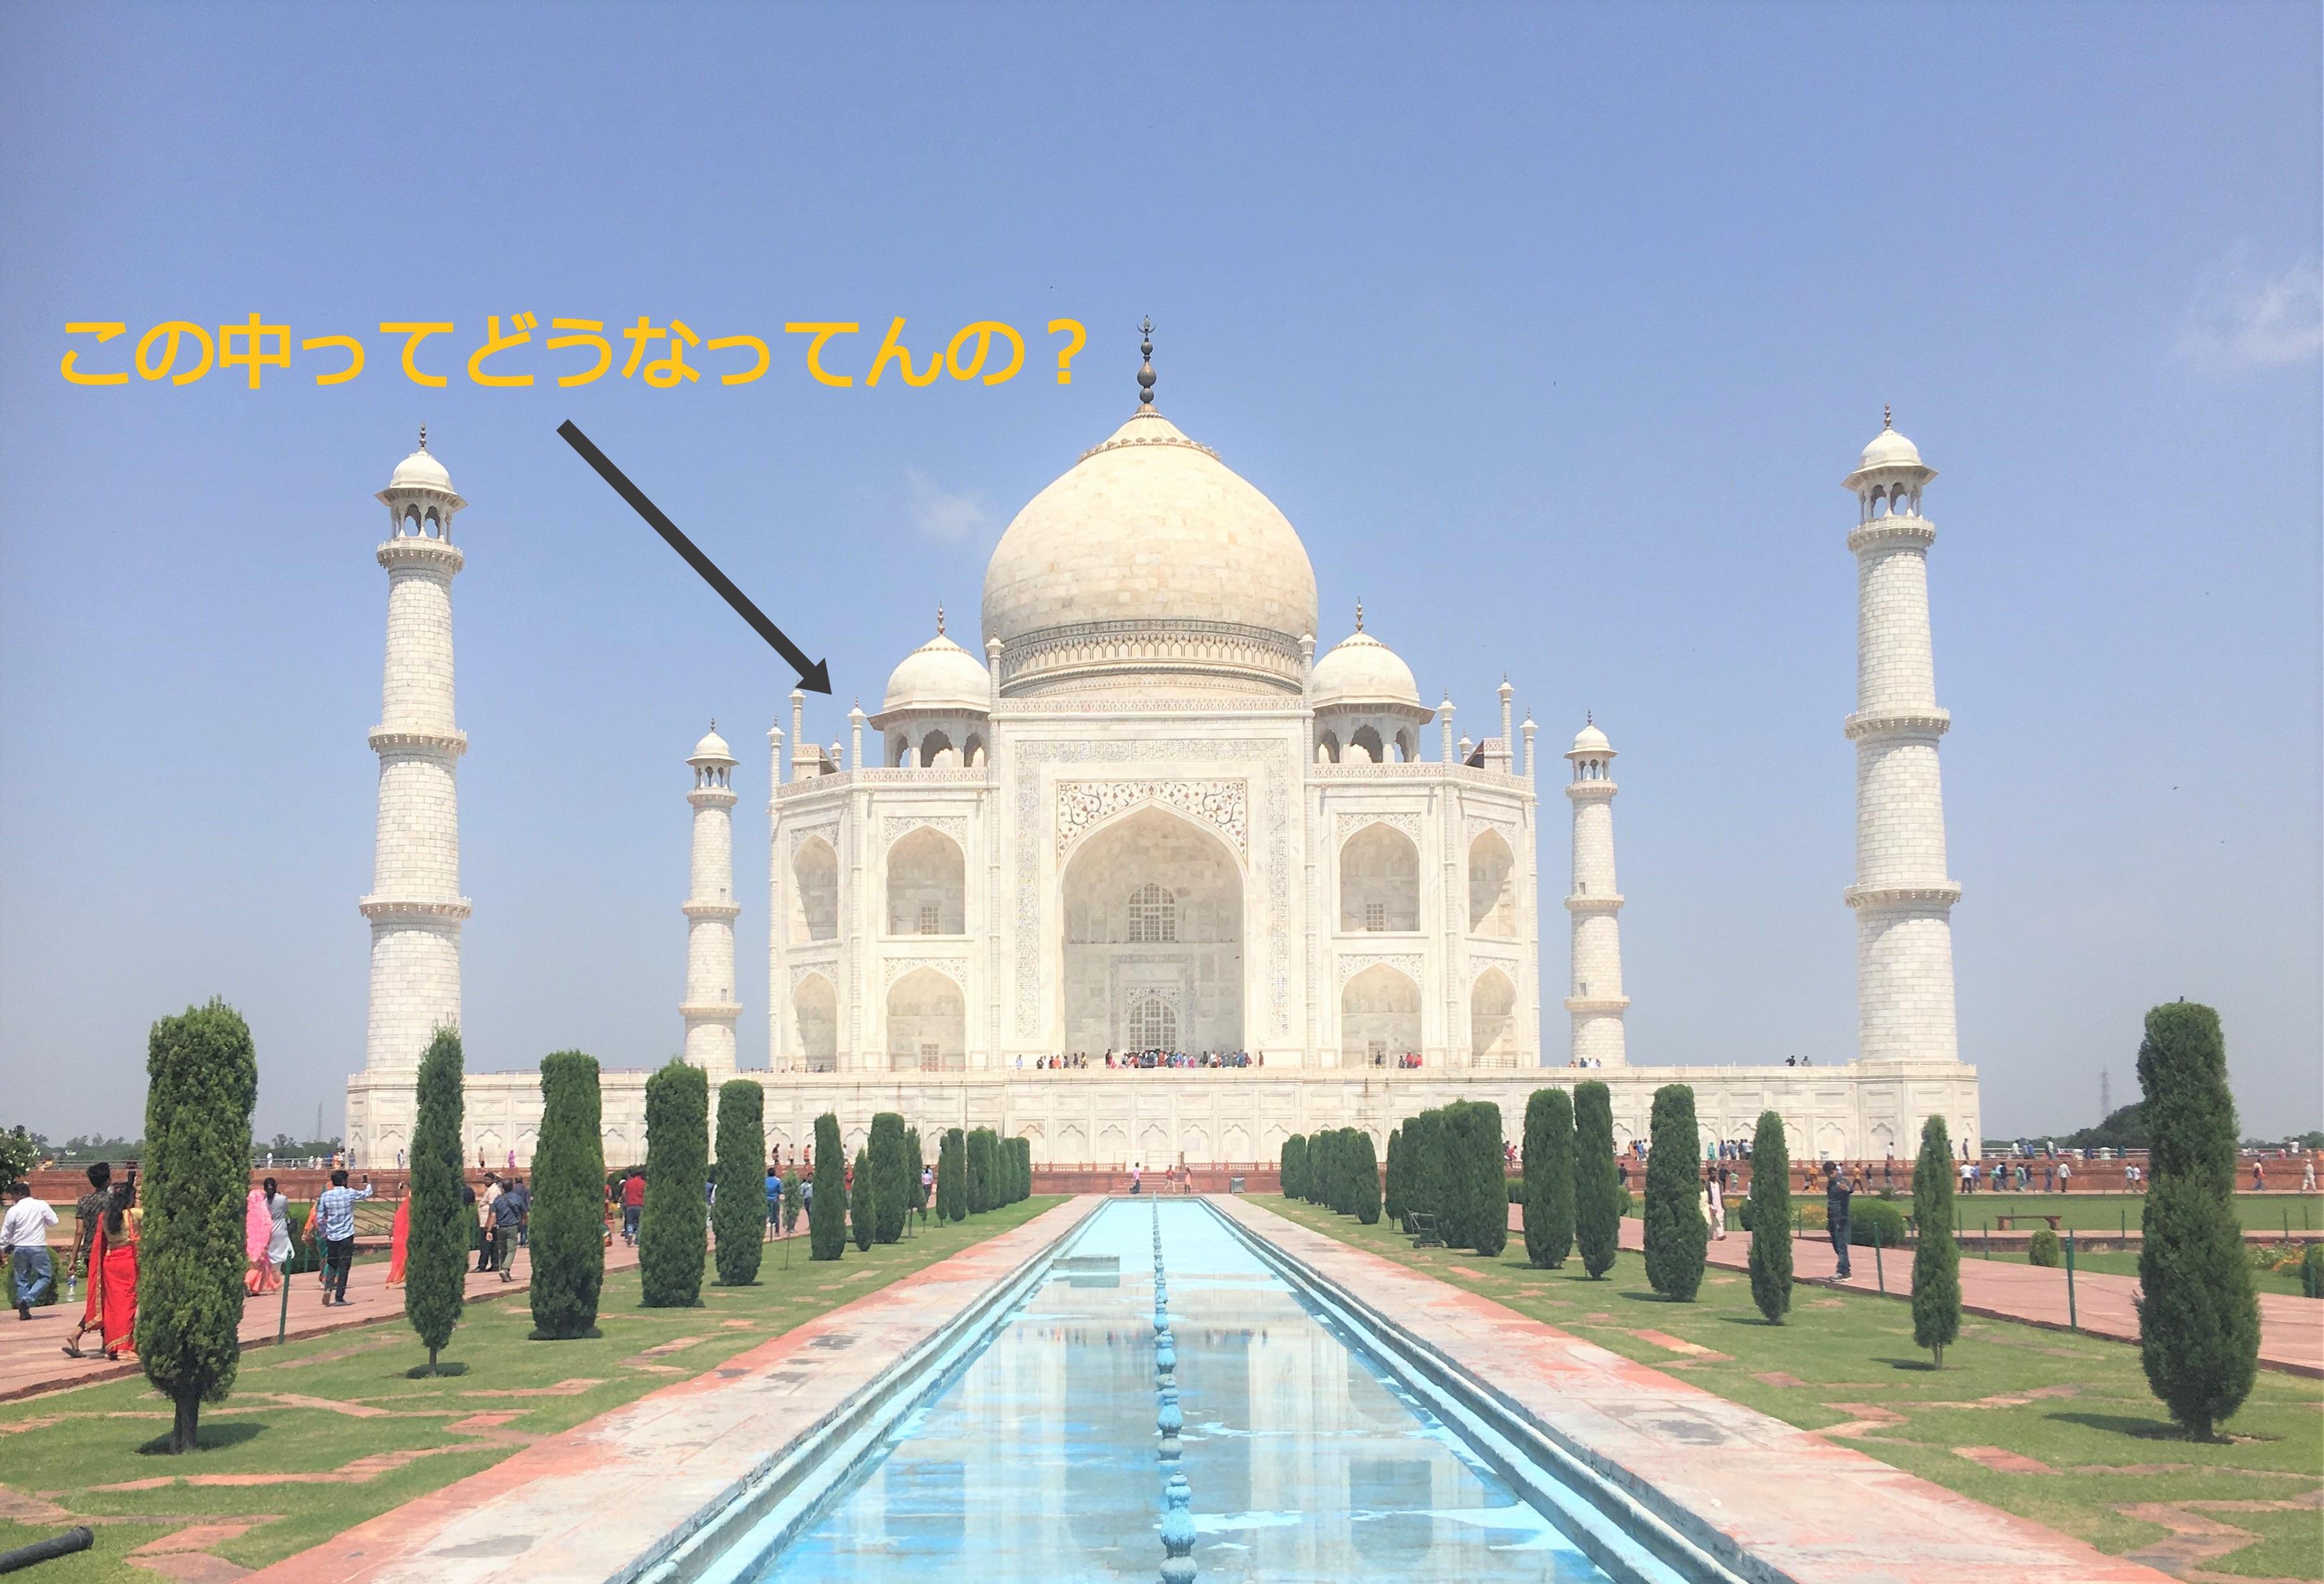 インドの名所『タージマハル』は世界一壮大で美しい○○だった!?